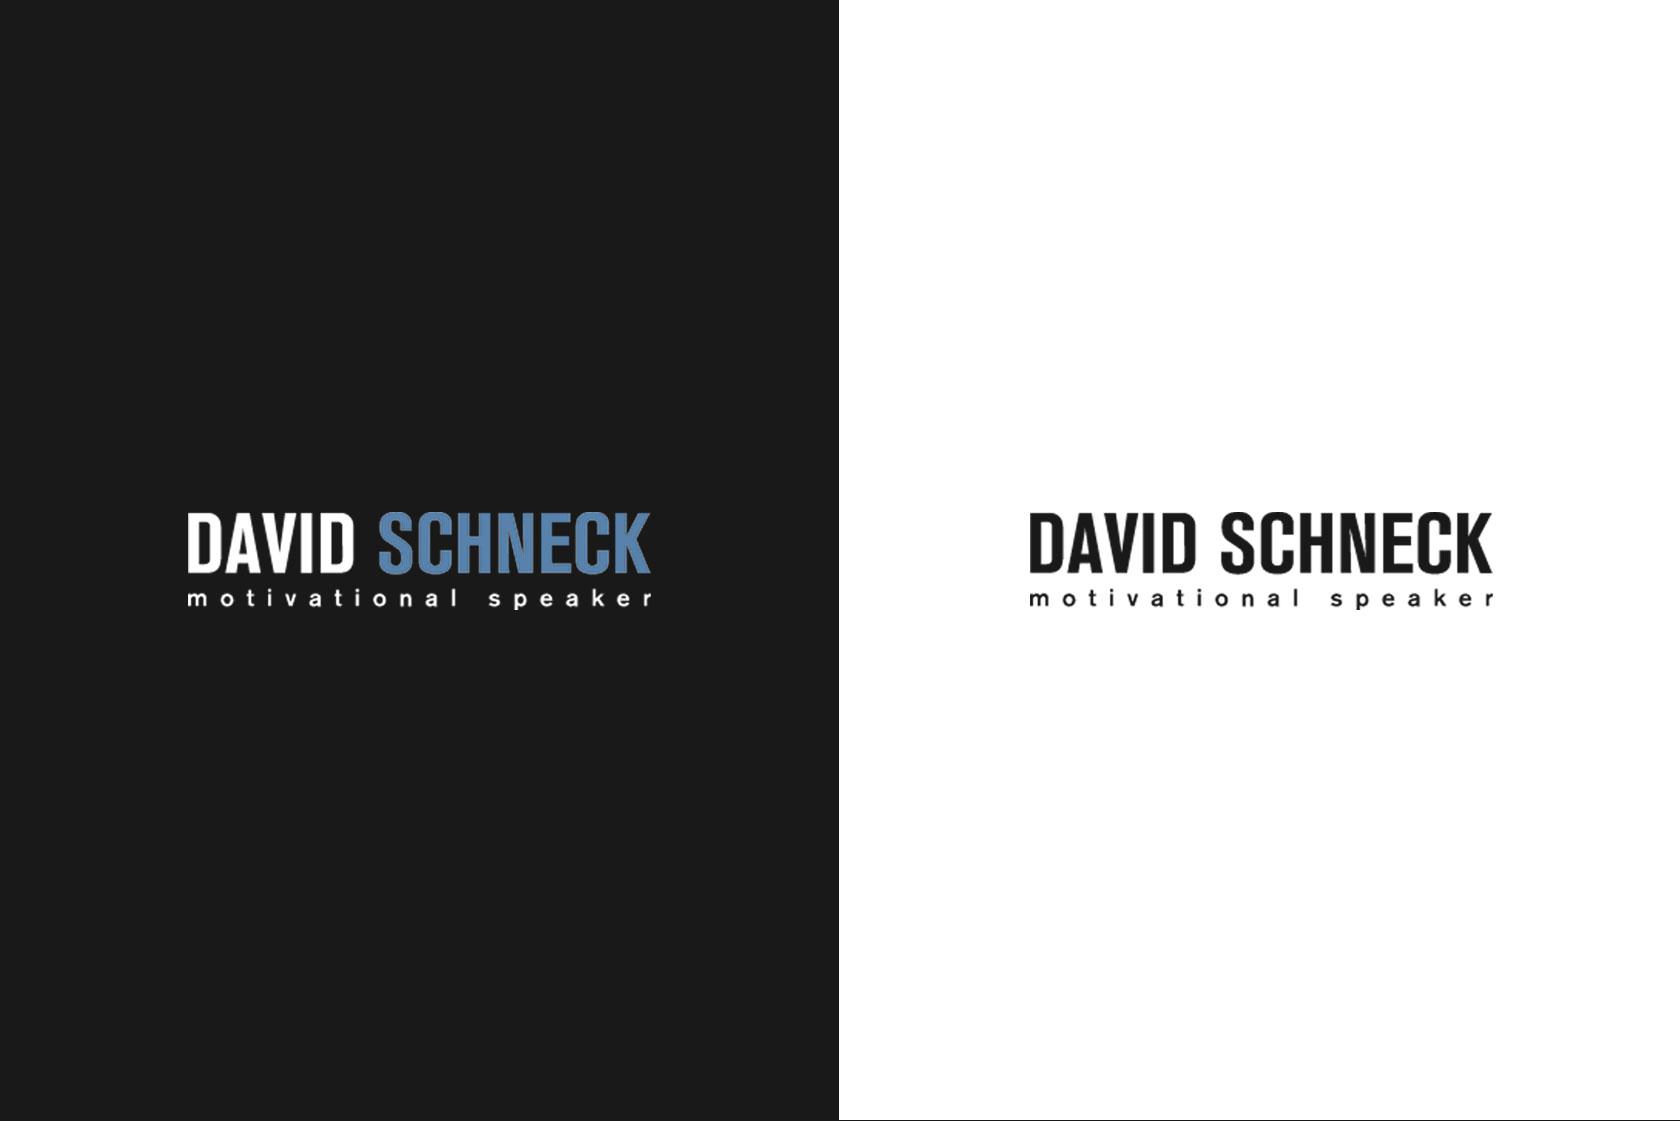 Logo von David Schneck